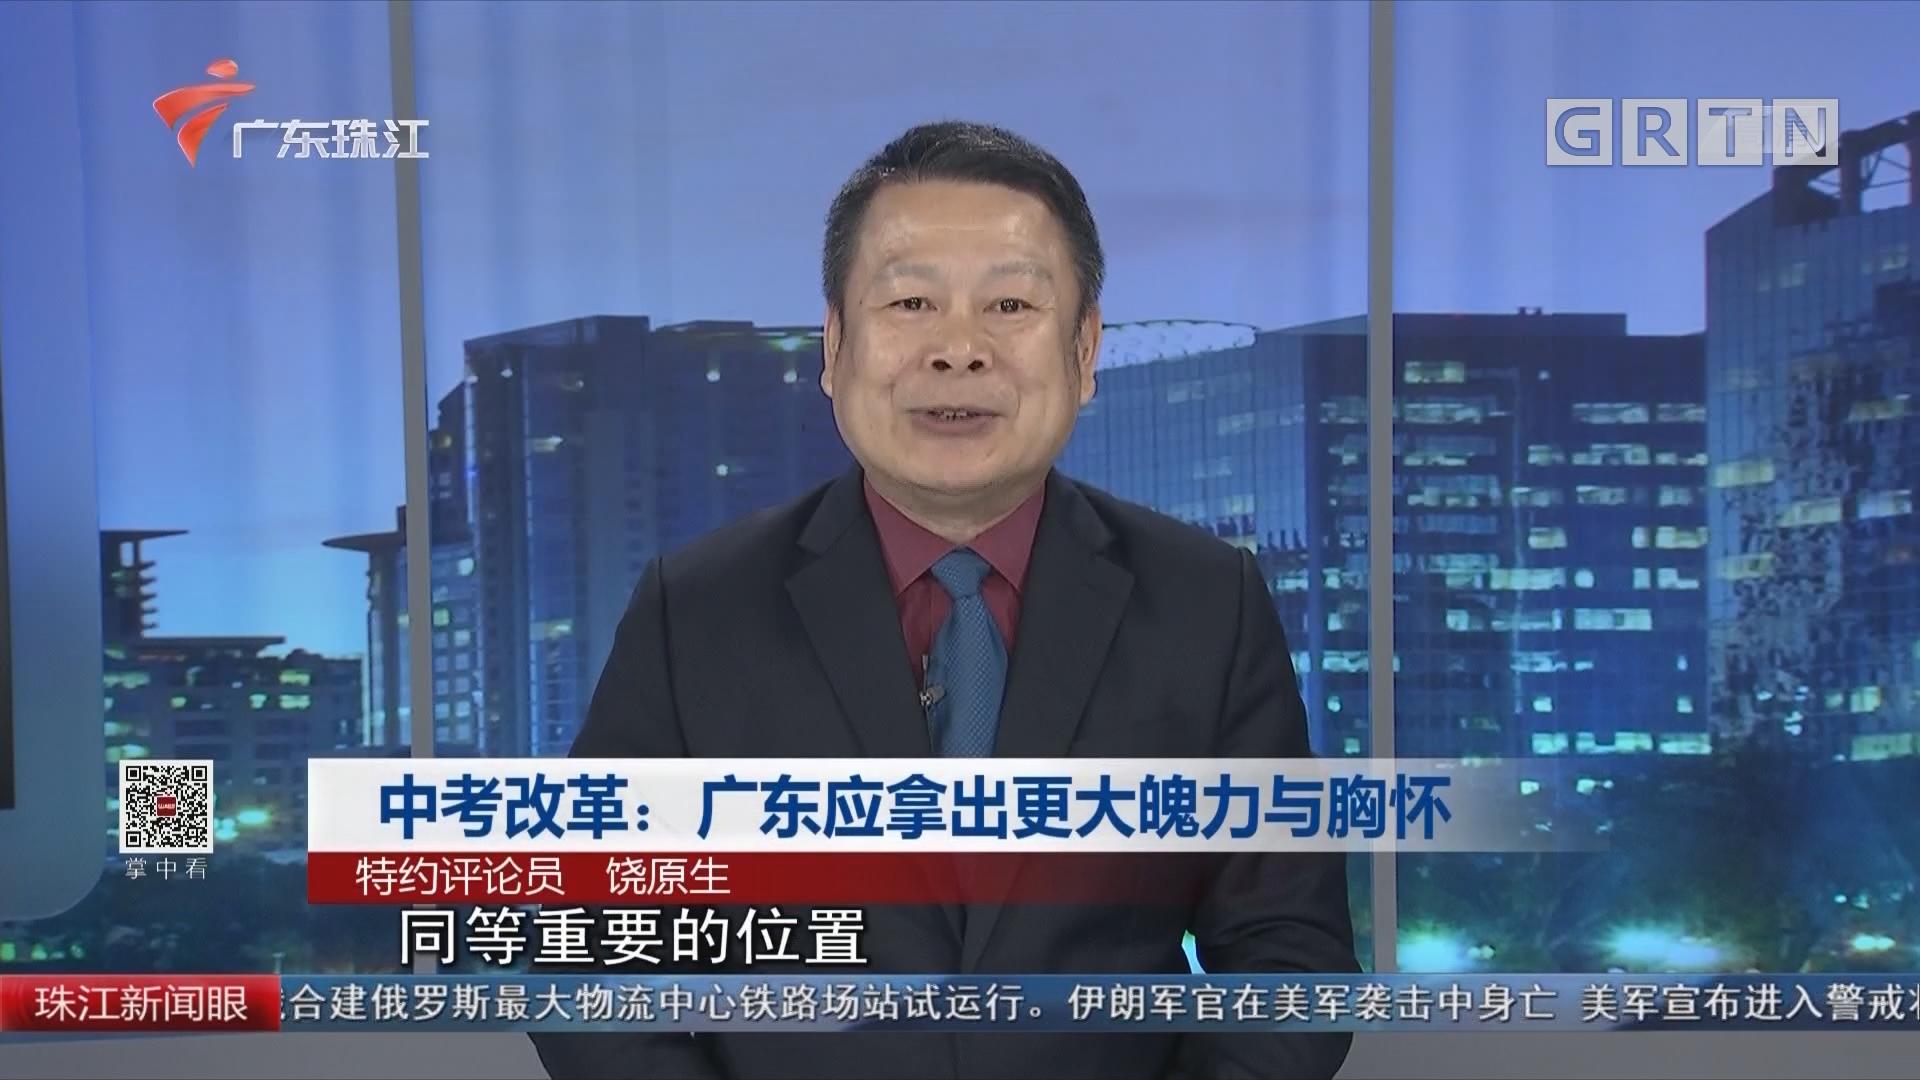 中考改革:广东应拿出更大魄力与胸怀